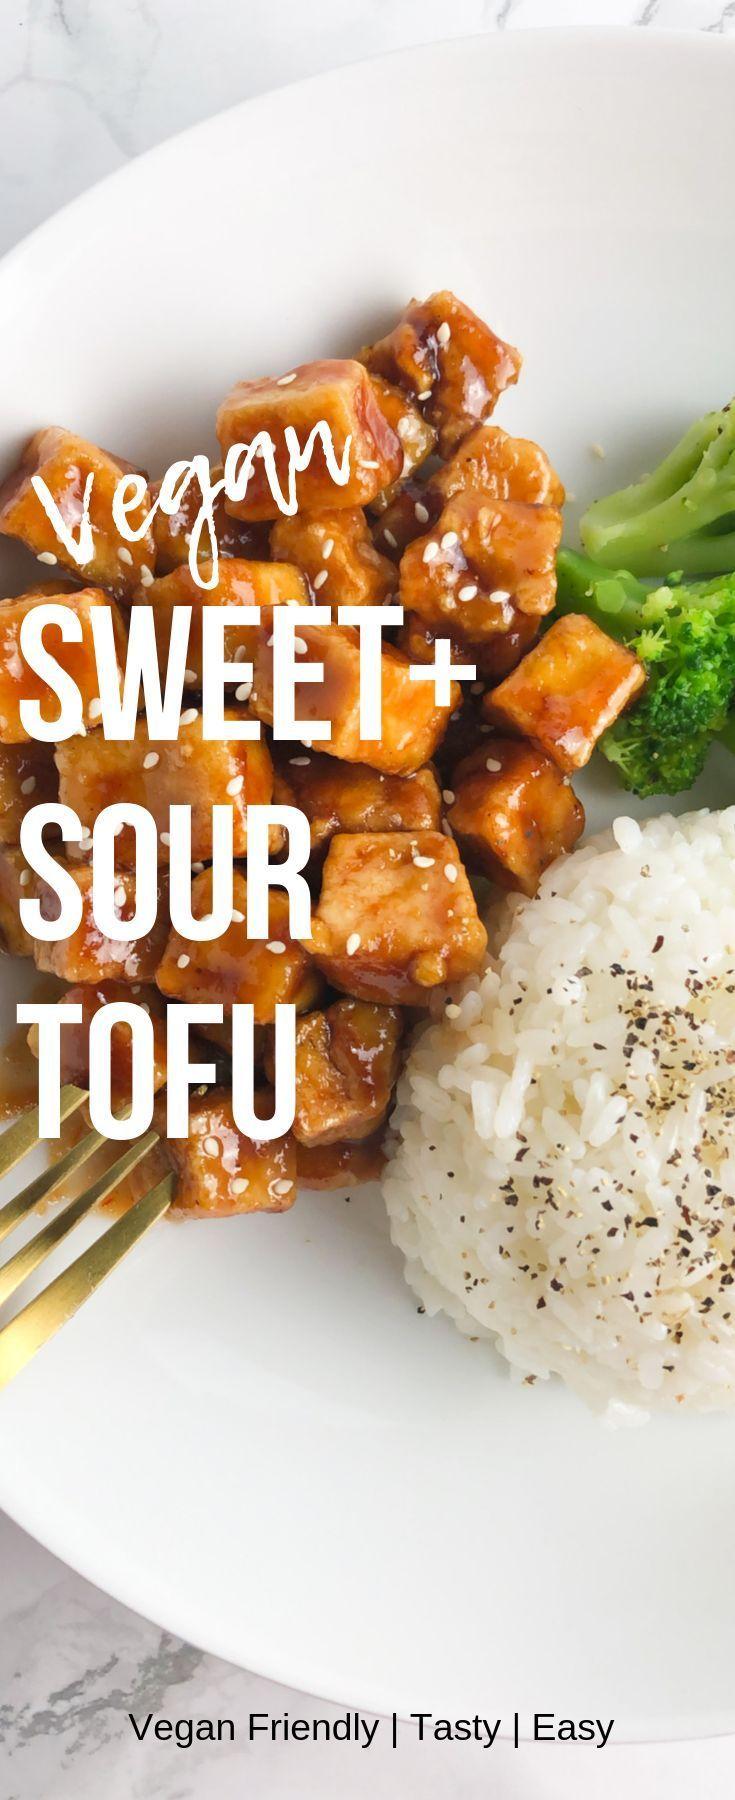 Sweetsour Tofu